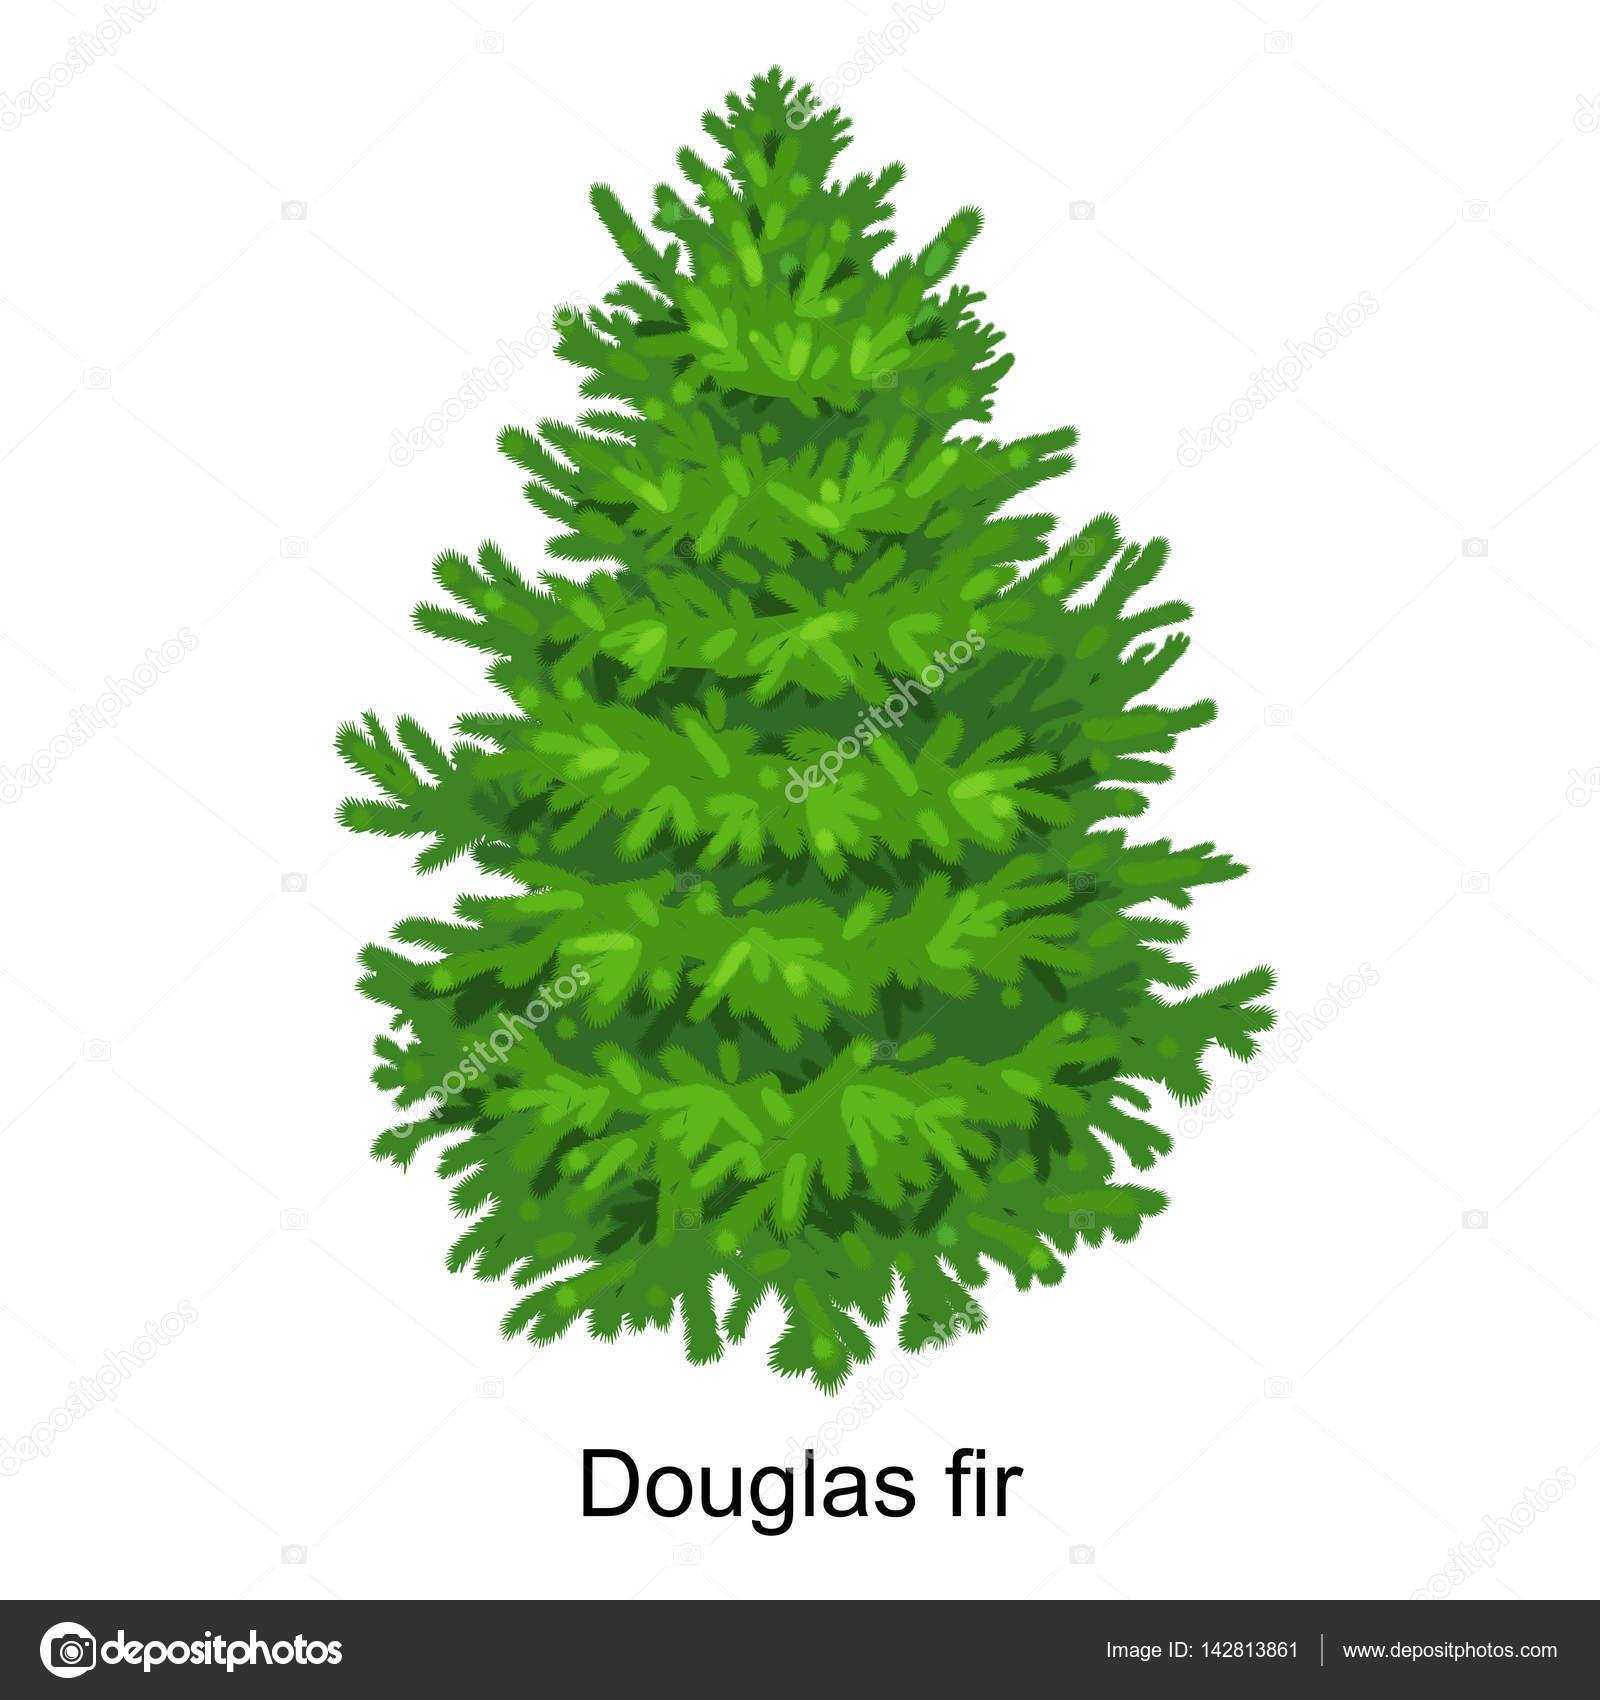 Douglasie Weihnachtsbaum Kaufen.Weihnachtsbaum Vektor Wie Douglasie Für Silvester Feier Ohne Urlaub